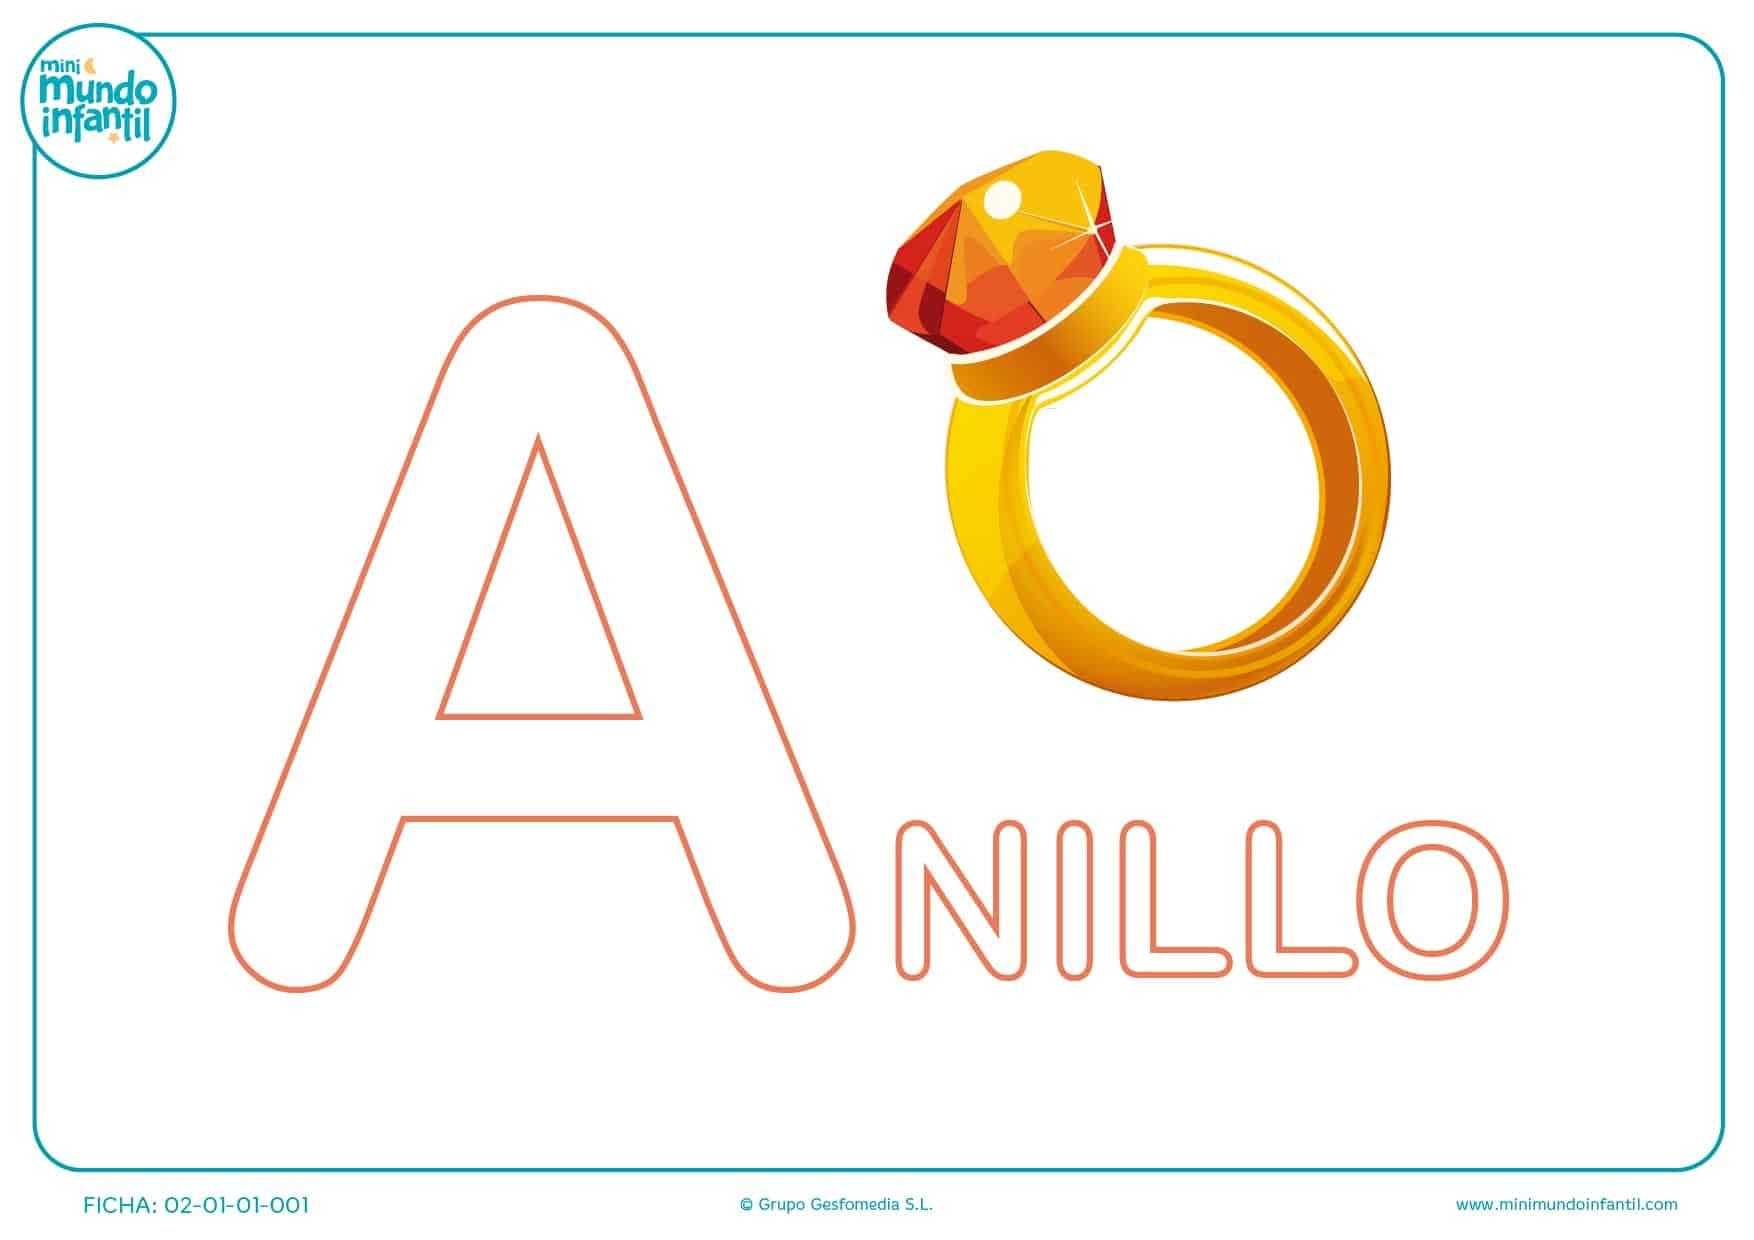 Colorear la letra A de anillo en mayúsculas